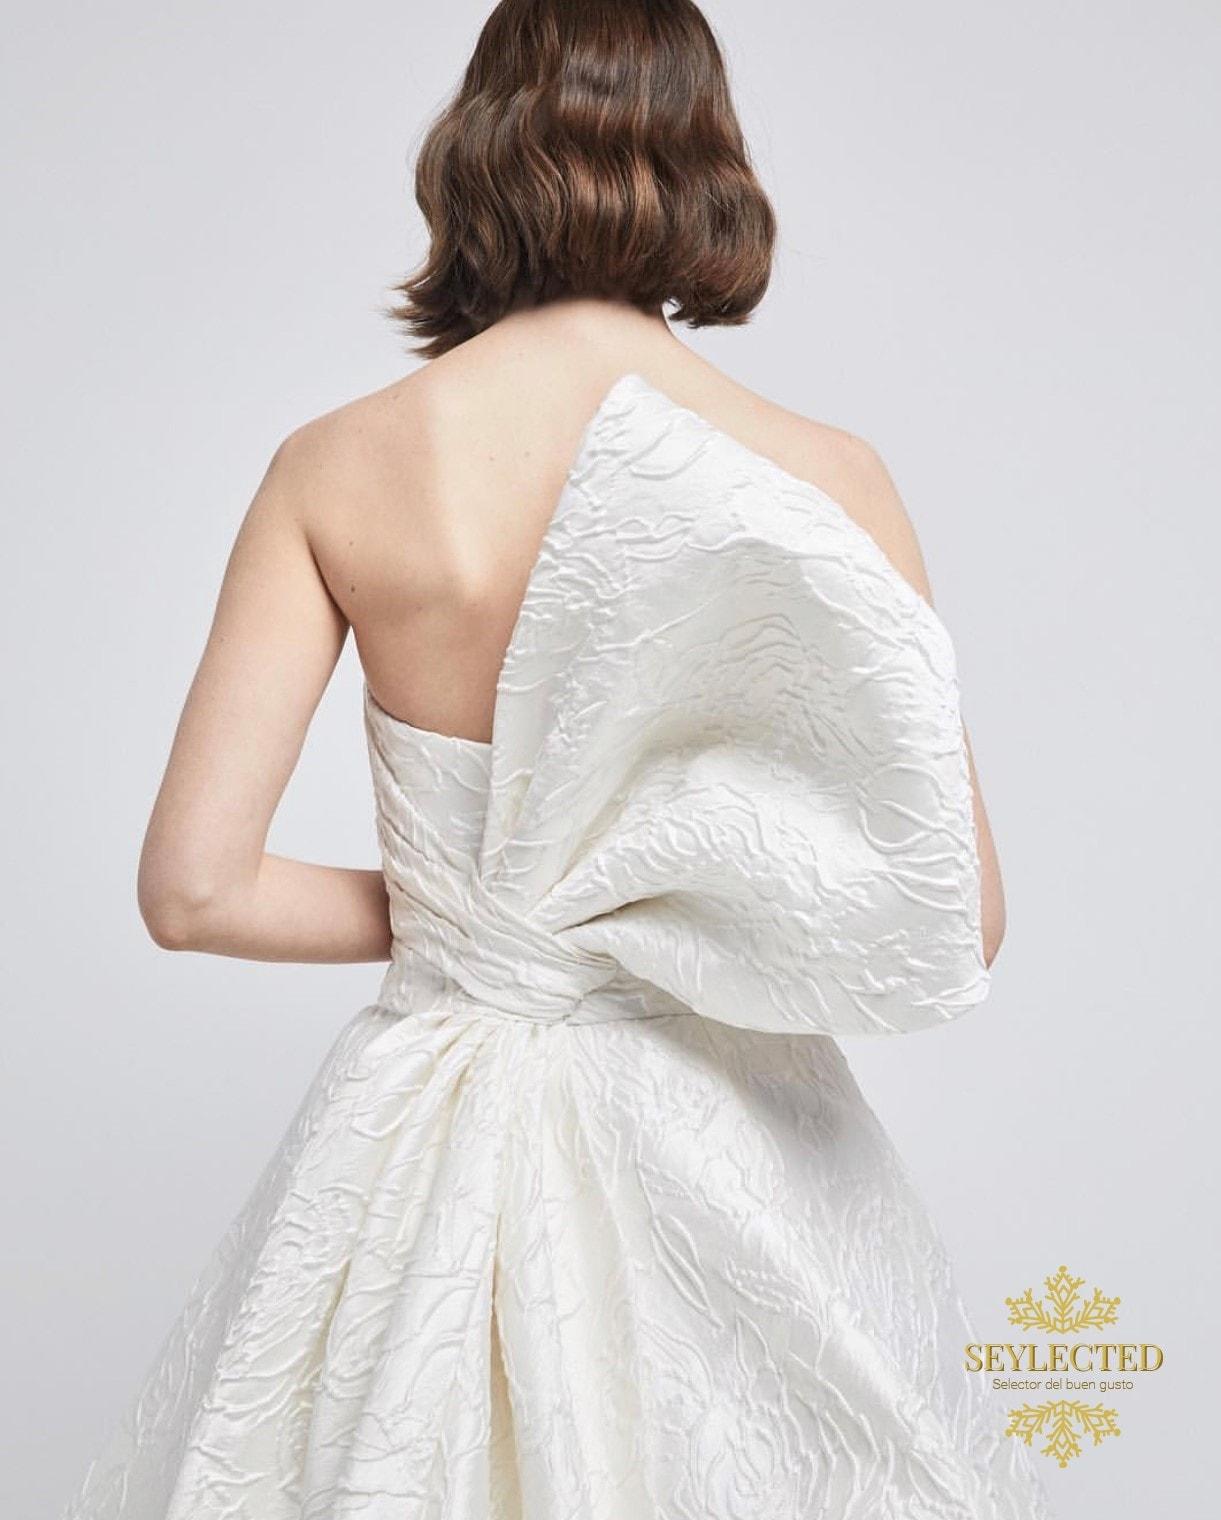 Es un espaldarazo fantástico. Cambiaría el color al relieve del vestido en un oro viejo convirtiéndolo así en un vestido de noche de los que dan que hablar durante décadas.